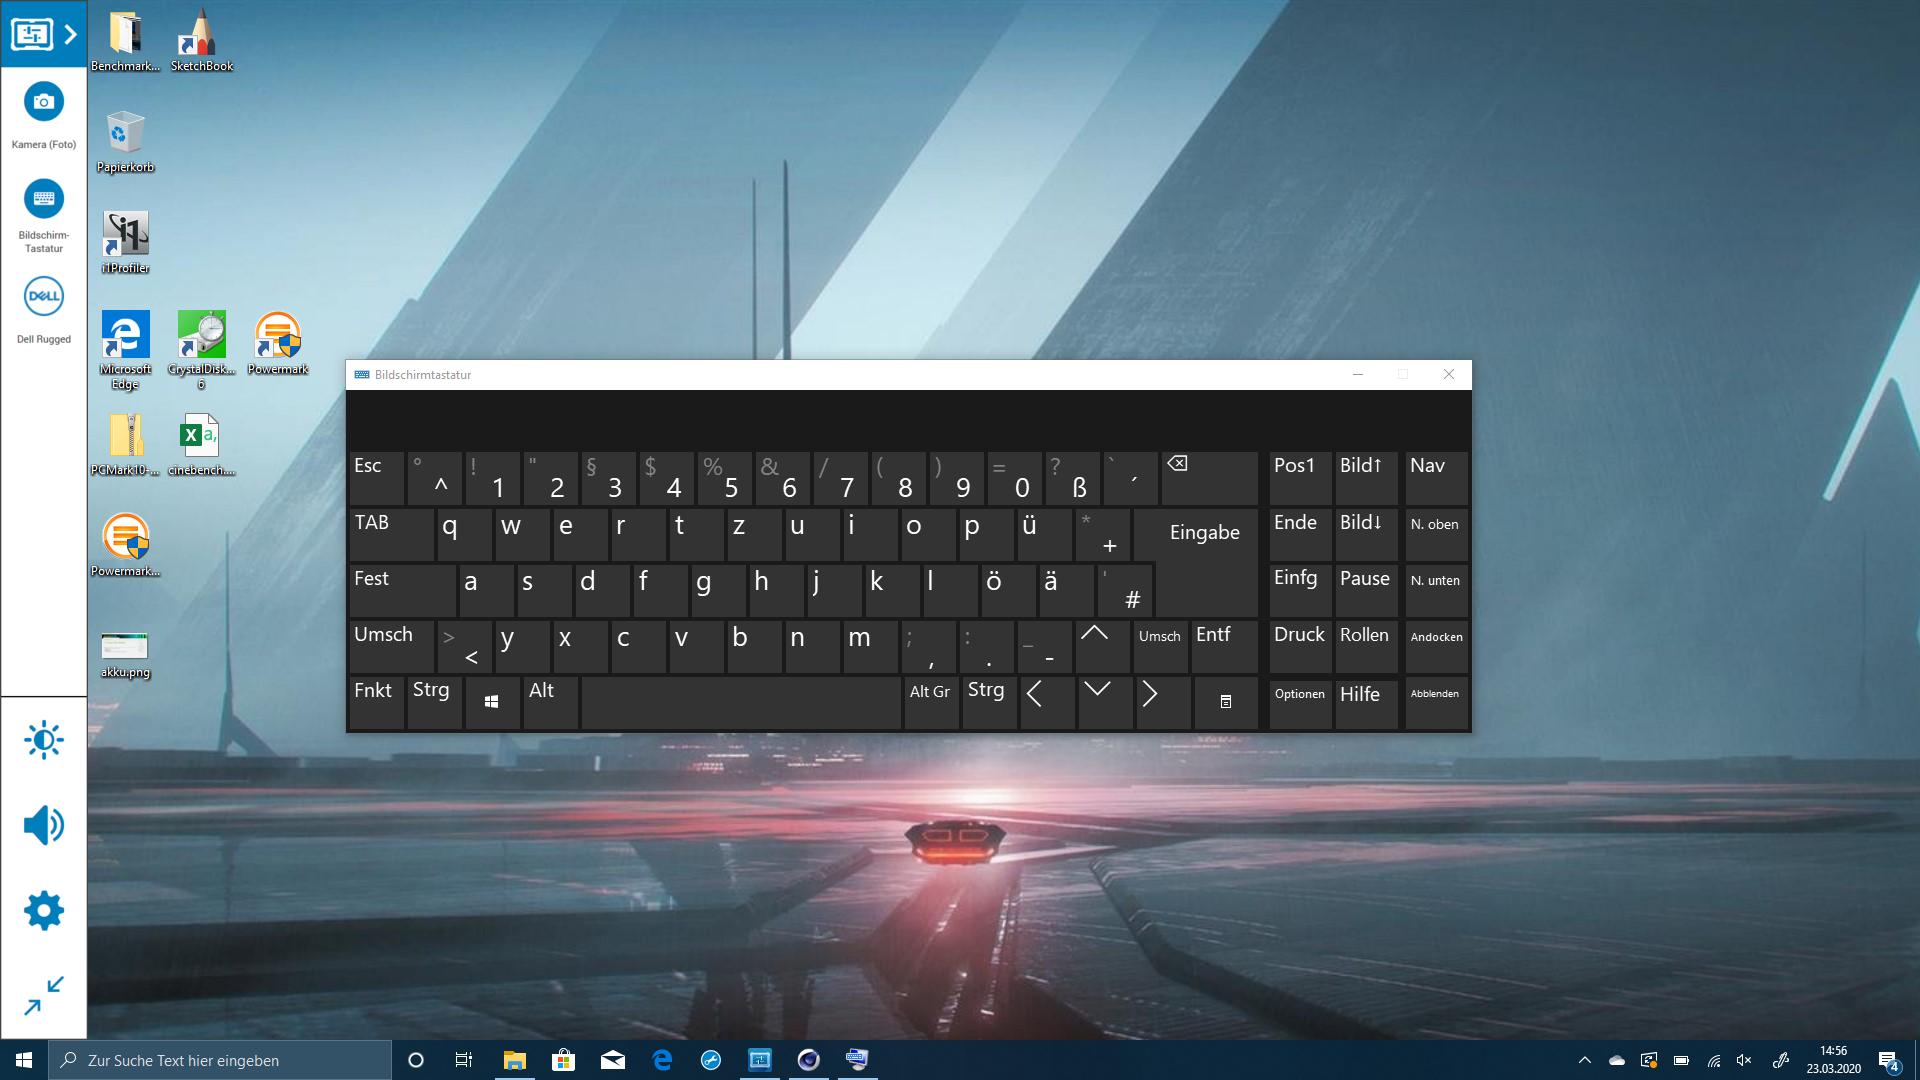 Dell Latitude 7220 im Test: Das Rugged-Tablet für die Zombieapokalypse - Die Bildschirmtastatur ist ziemlich kleinteilig. (Screenshot: Oliver Nickel/Golem.de)